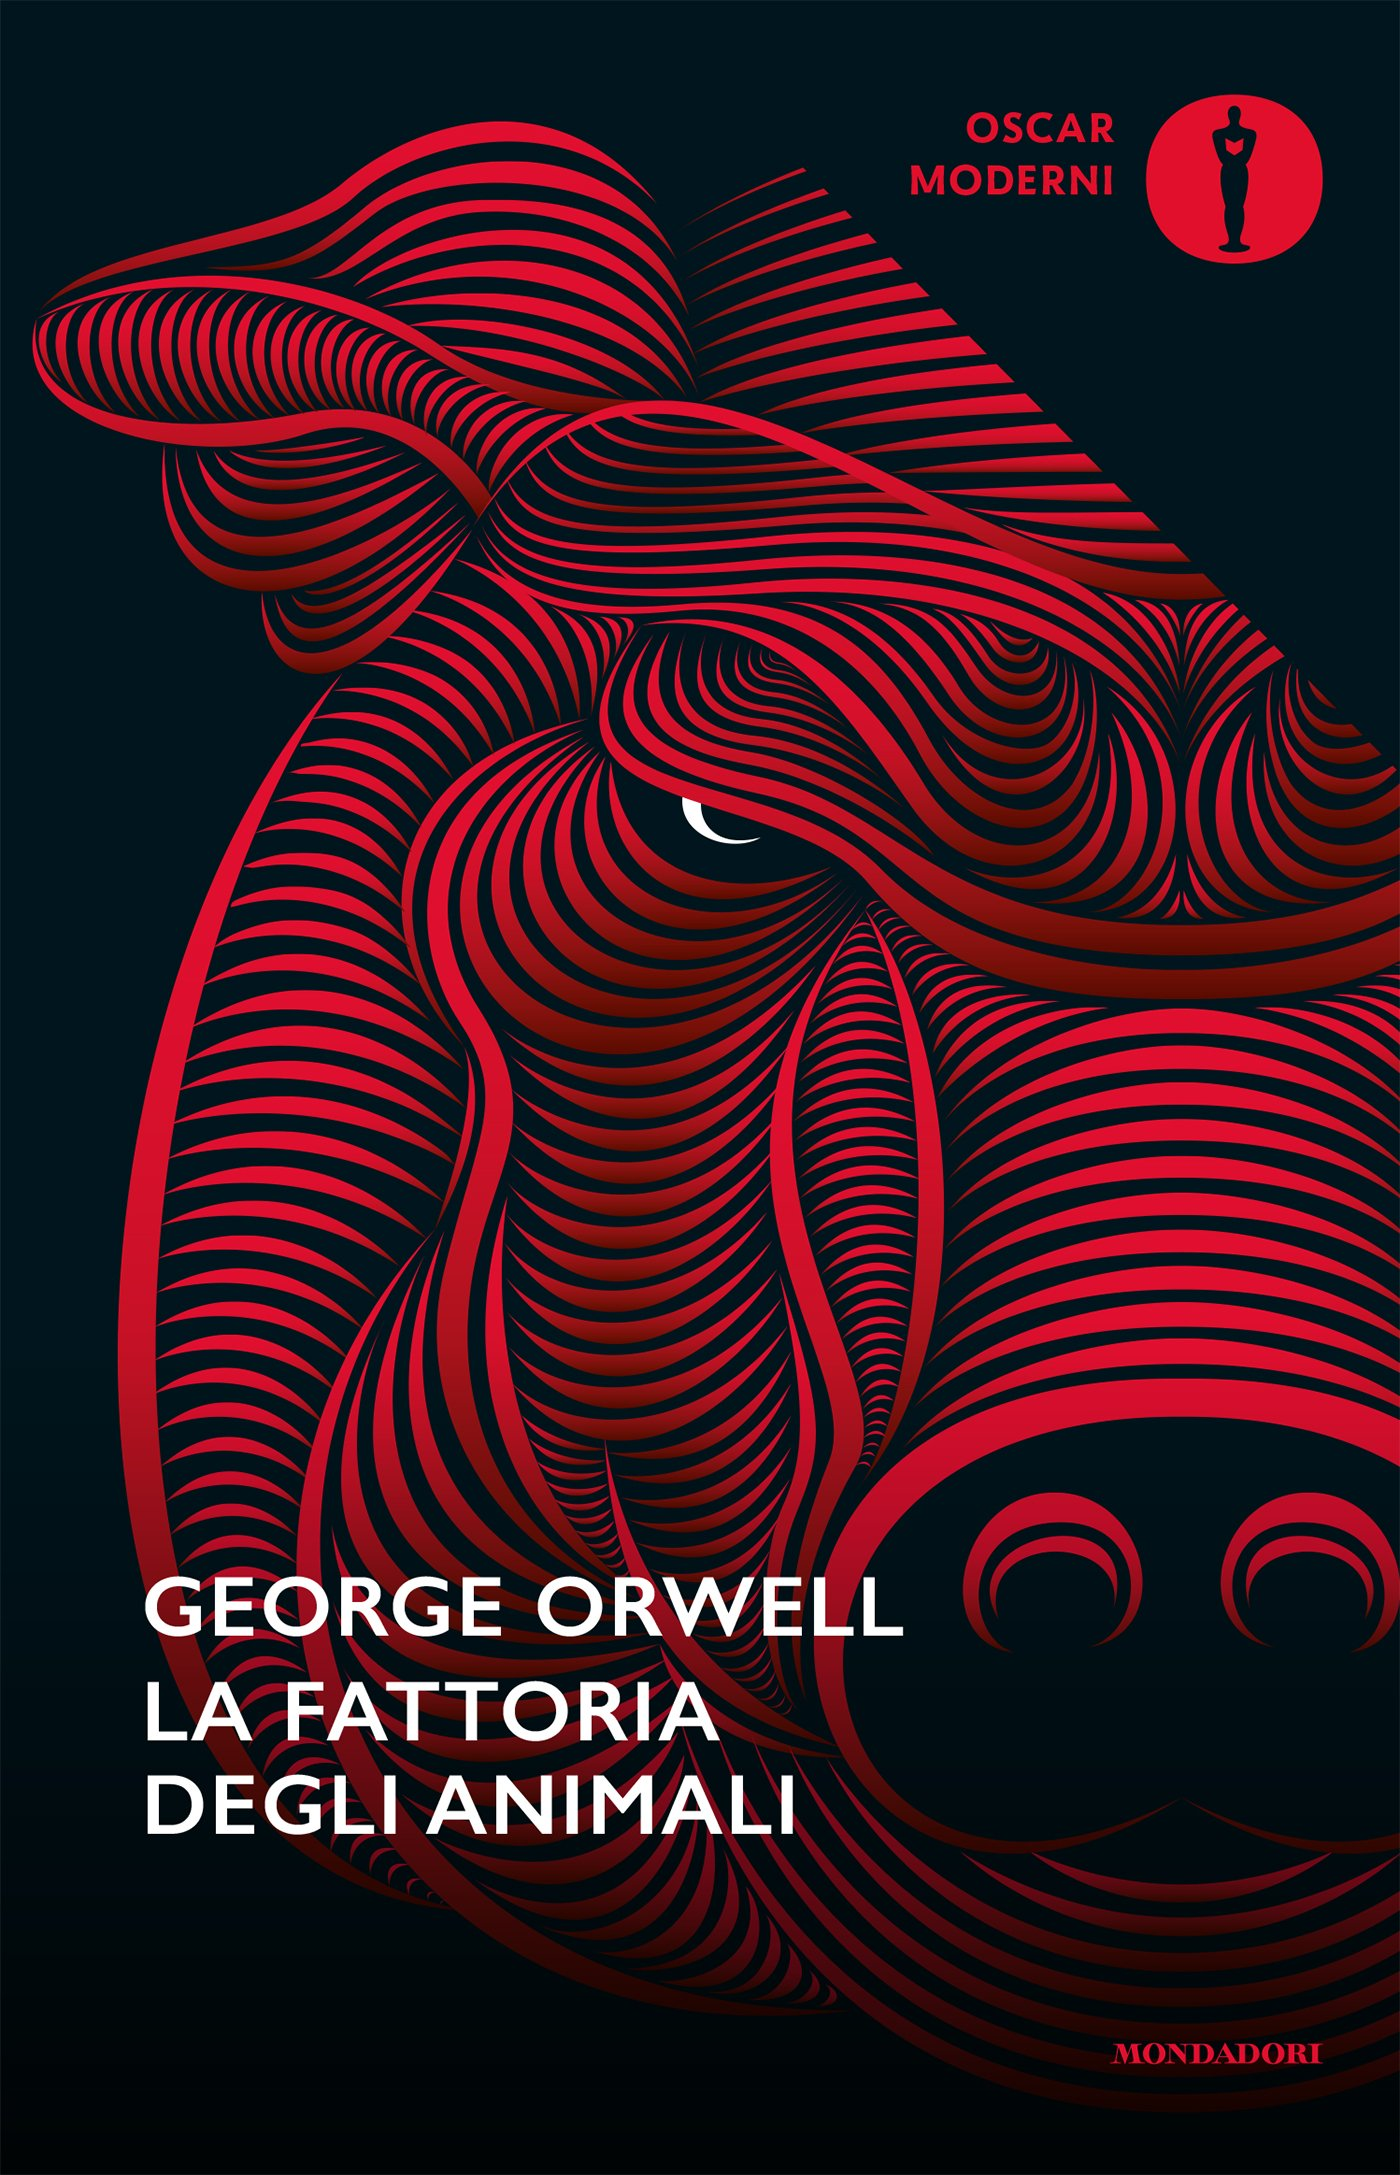 George Orwell – La fattoria degli animali